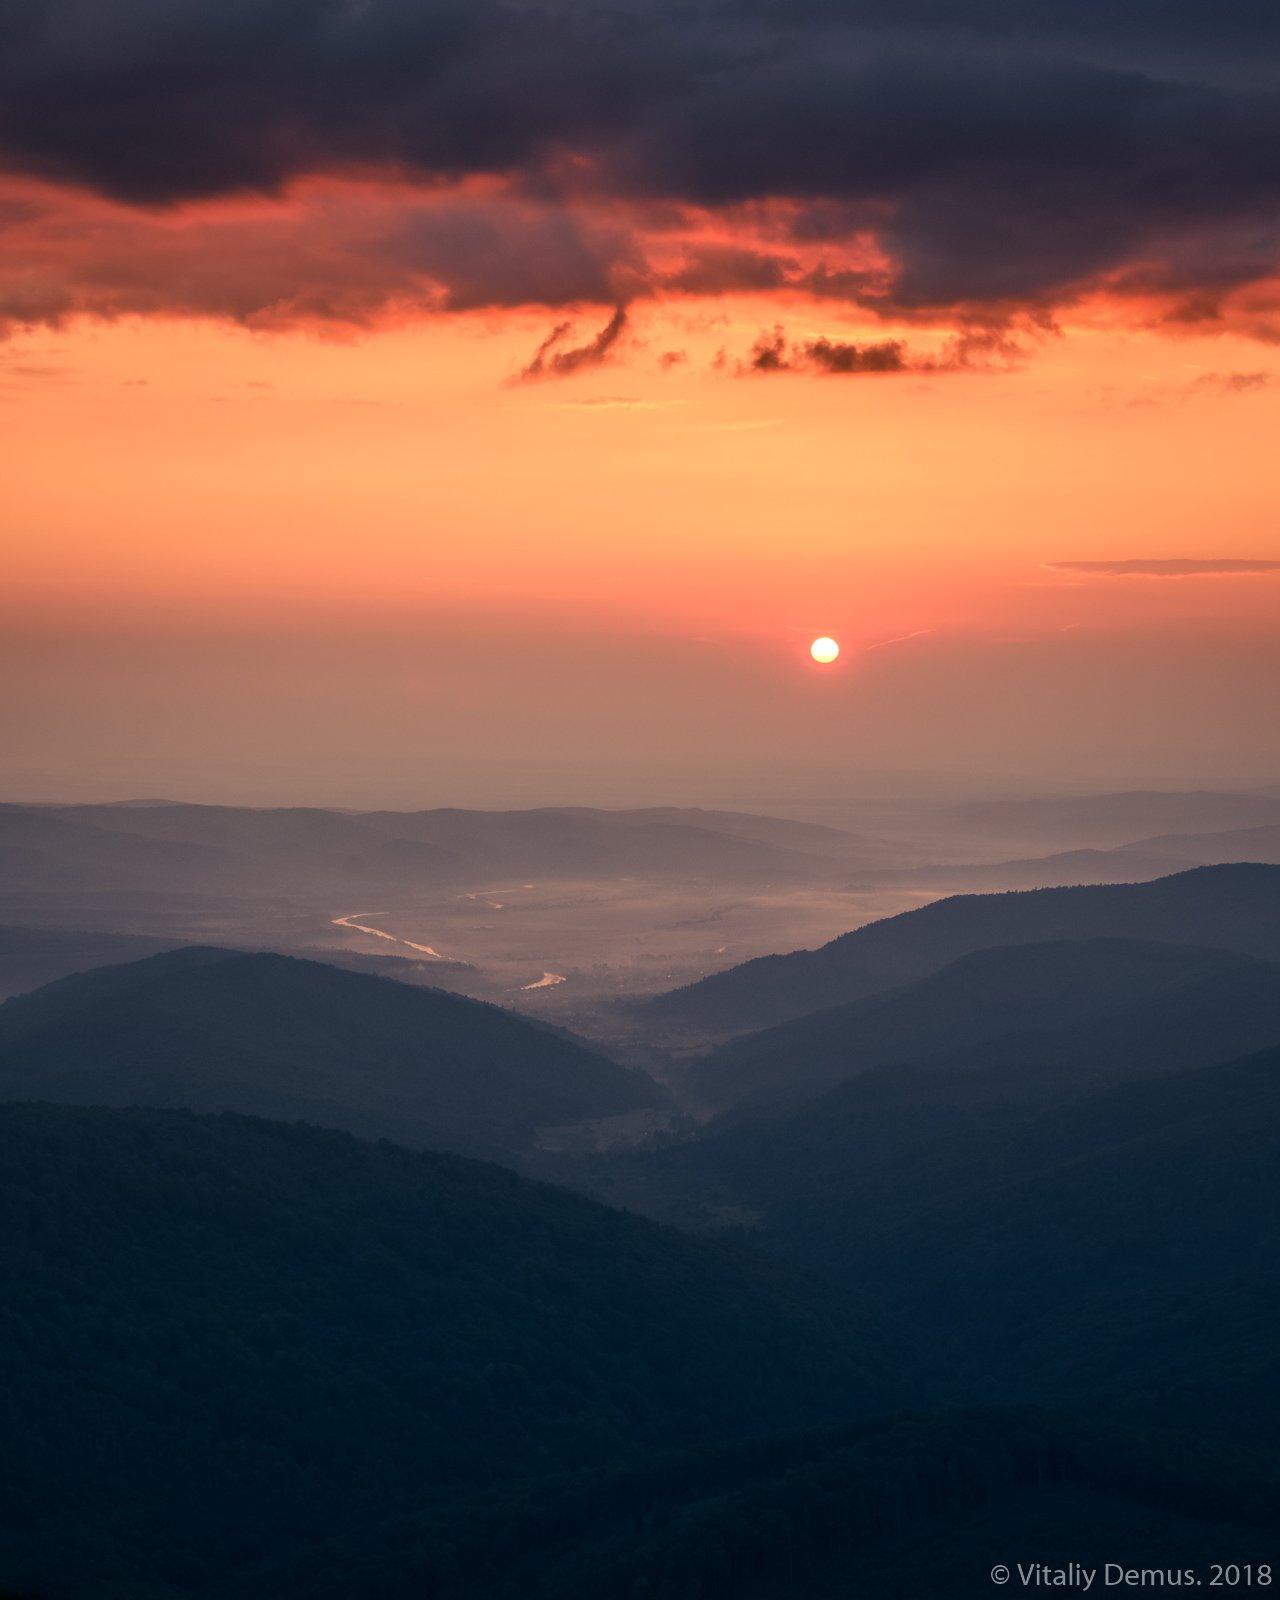 лето, карпаты, горы, рассвет, солнце, Виталий Демус